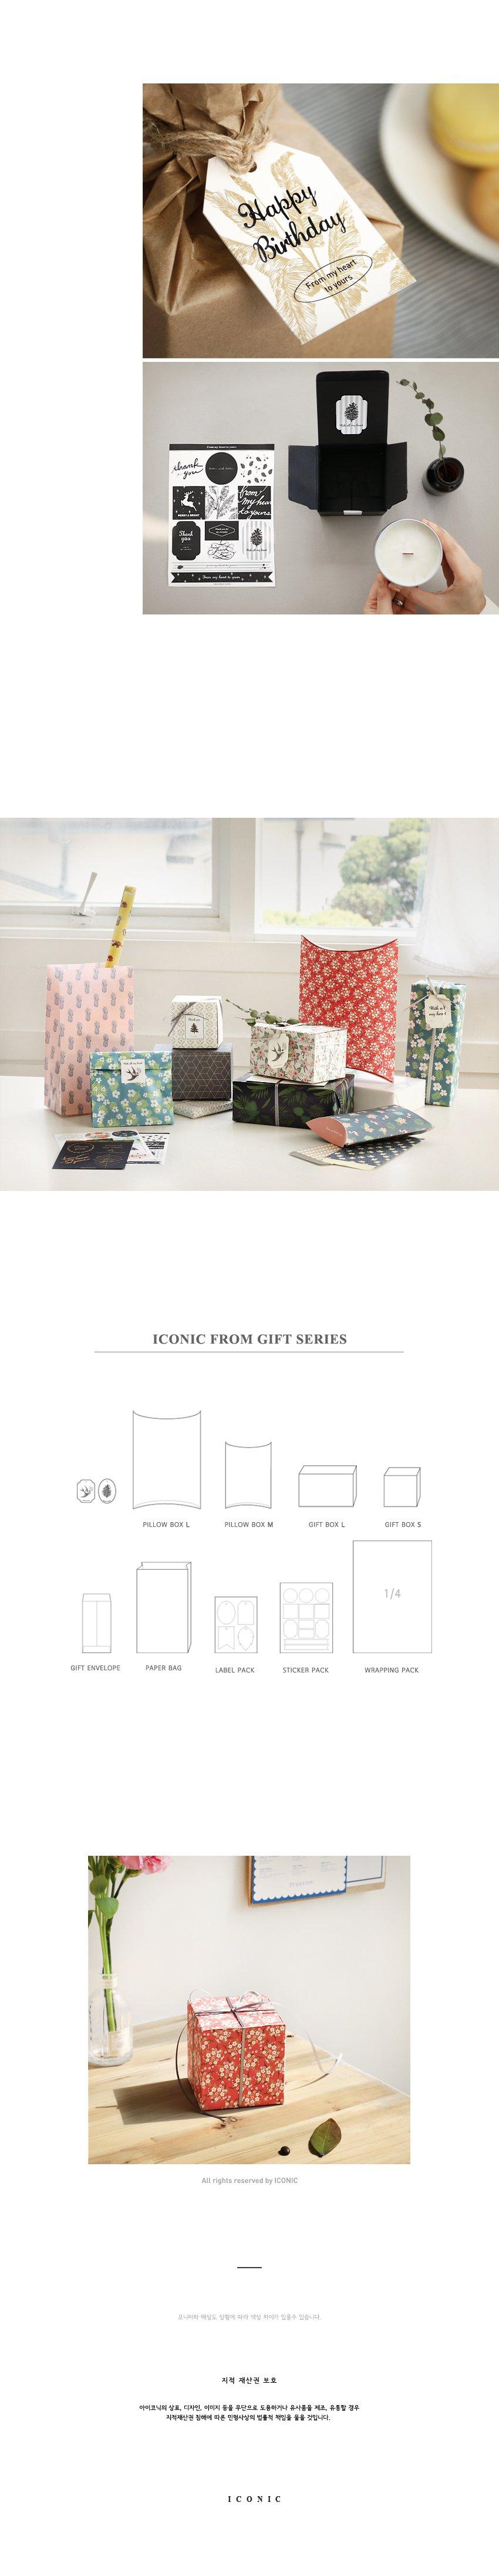 아이코닉 프롬 기프트박스 S - 아이코닉, 2,800원, 상자/케이스, 패턴